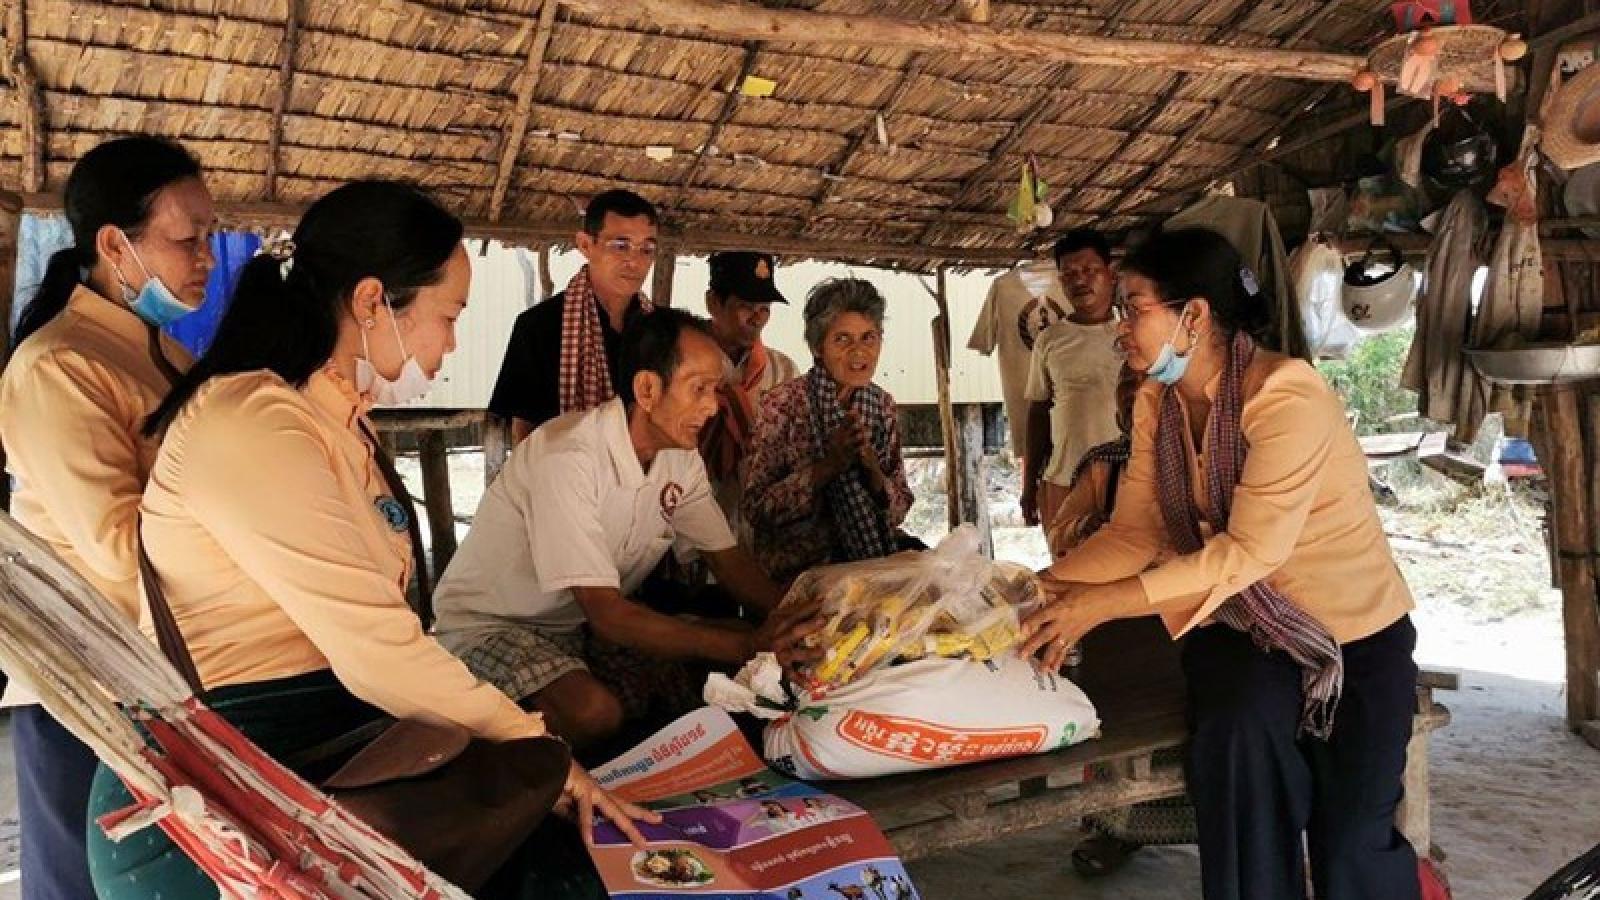 Campuchia trợ cấp cho các hộ nghèo bị ảnh hưởng bởi dịch Covid-19